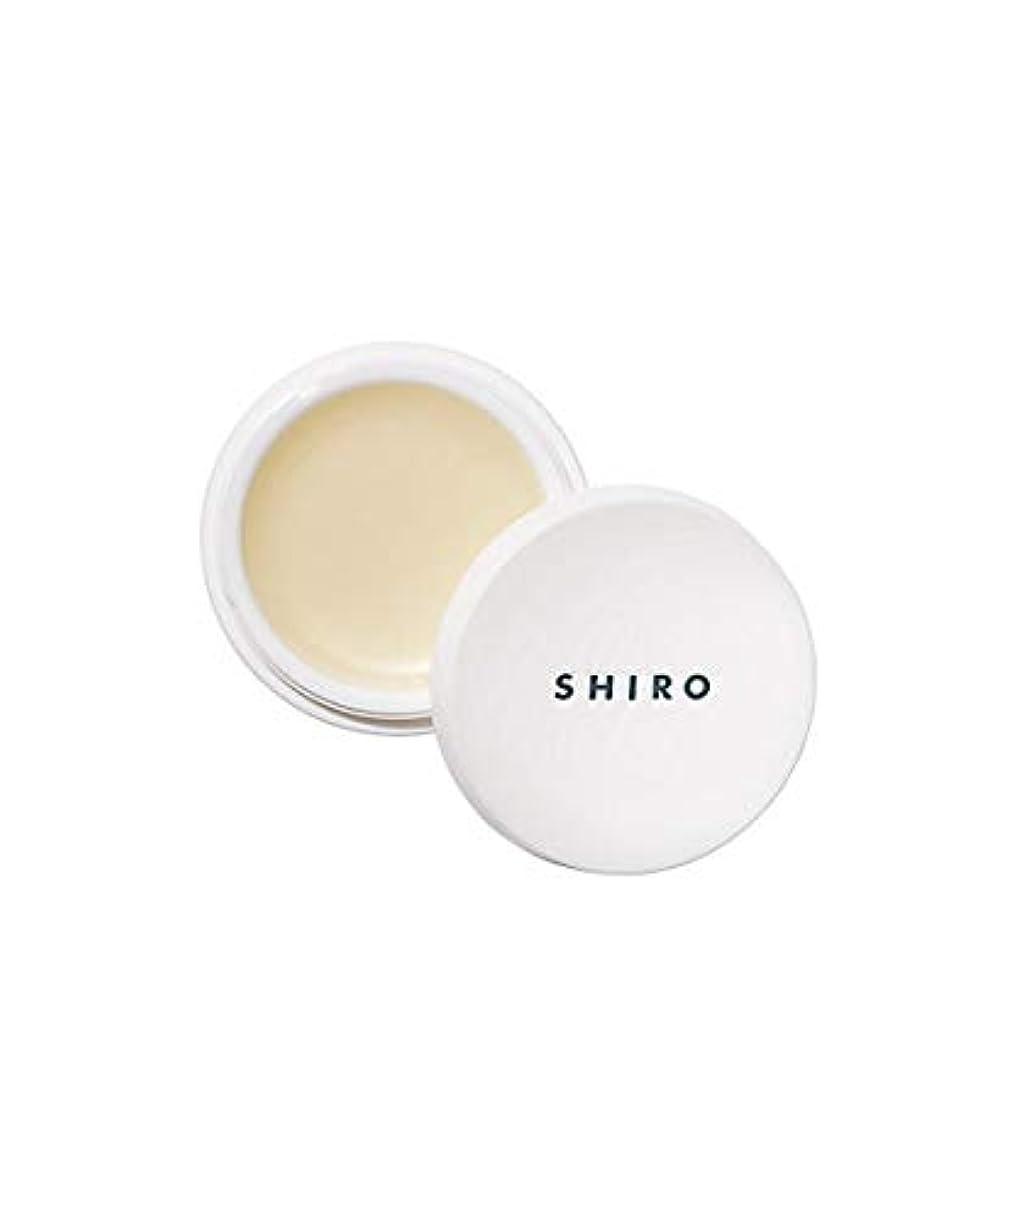 最大の気候挽くshiro white tea ホワイトティー 練り香水 12g